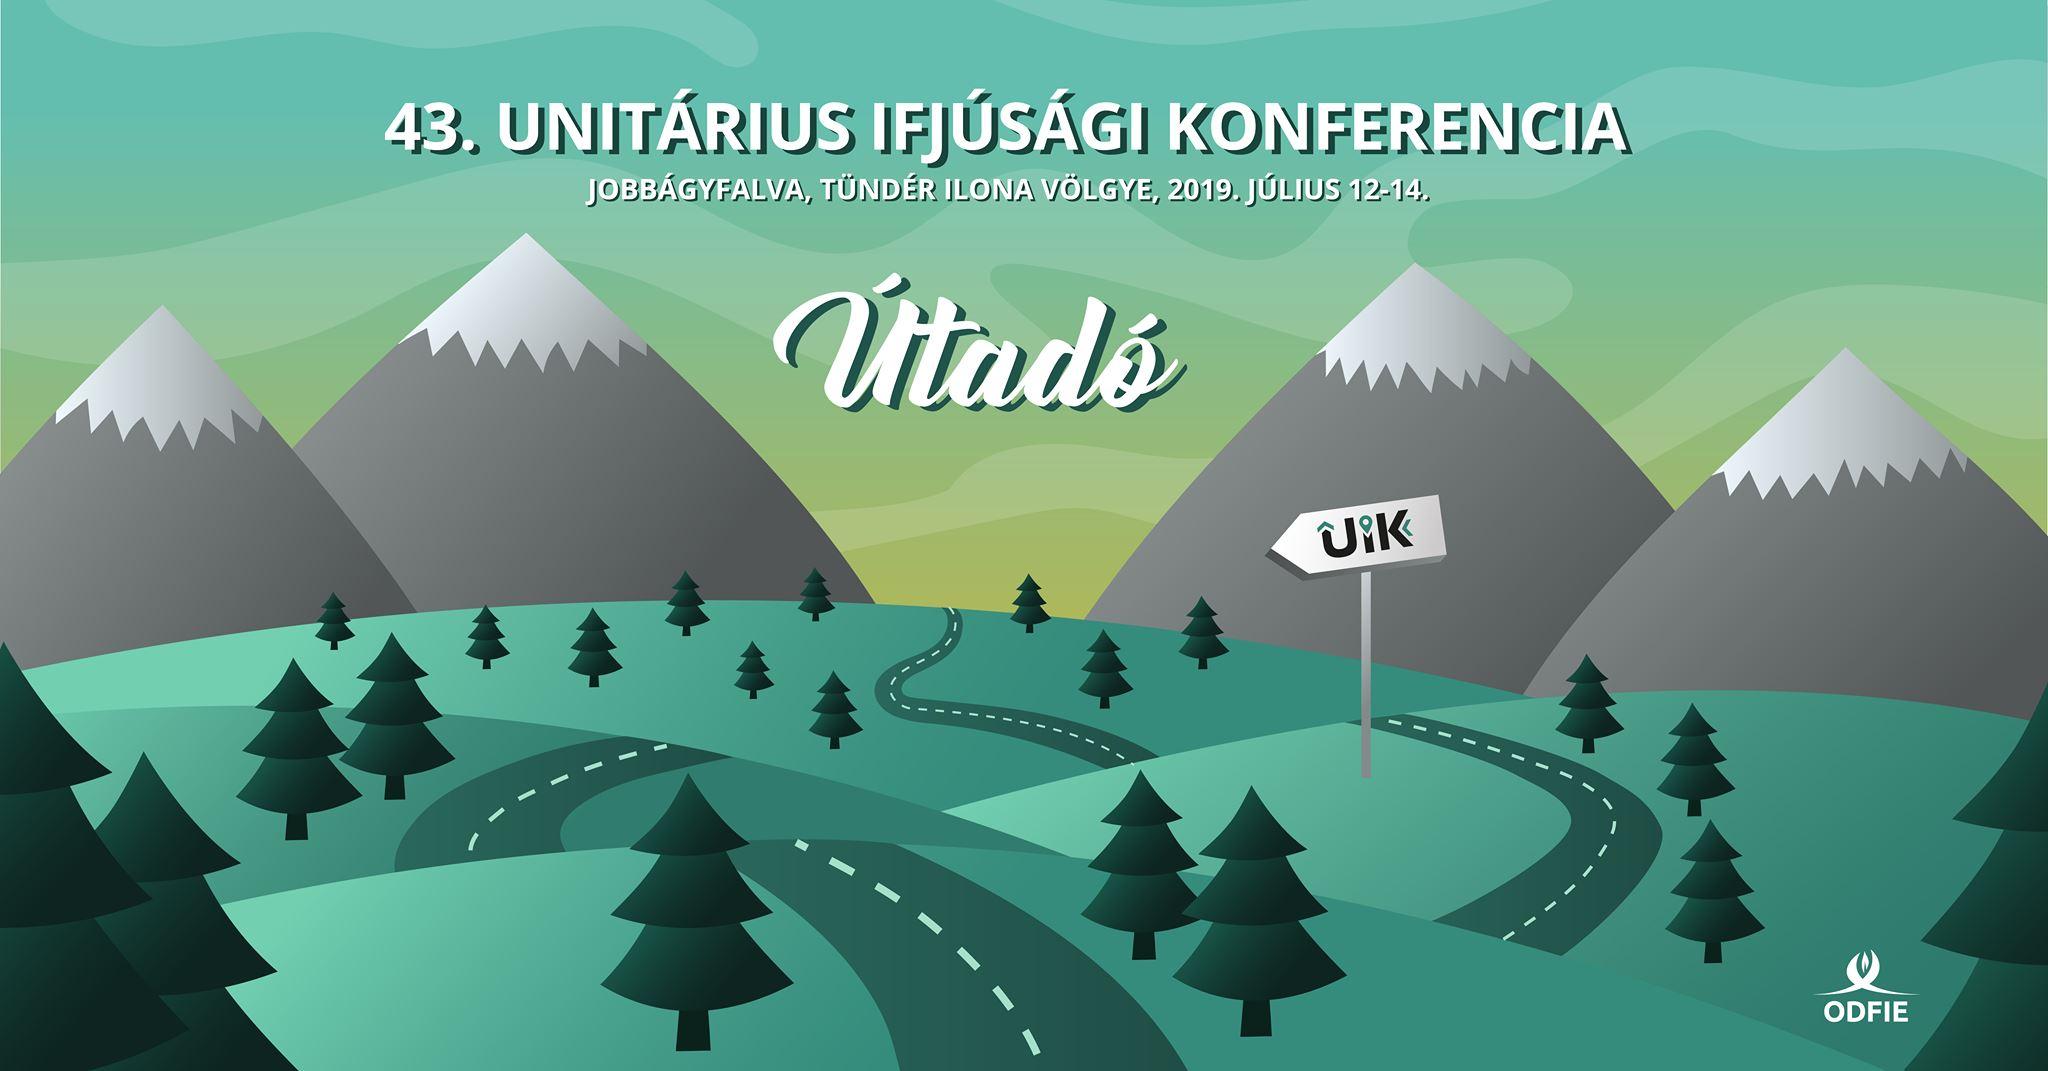 43. Unitárius Ifjúsági Konferencia